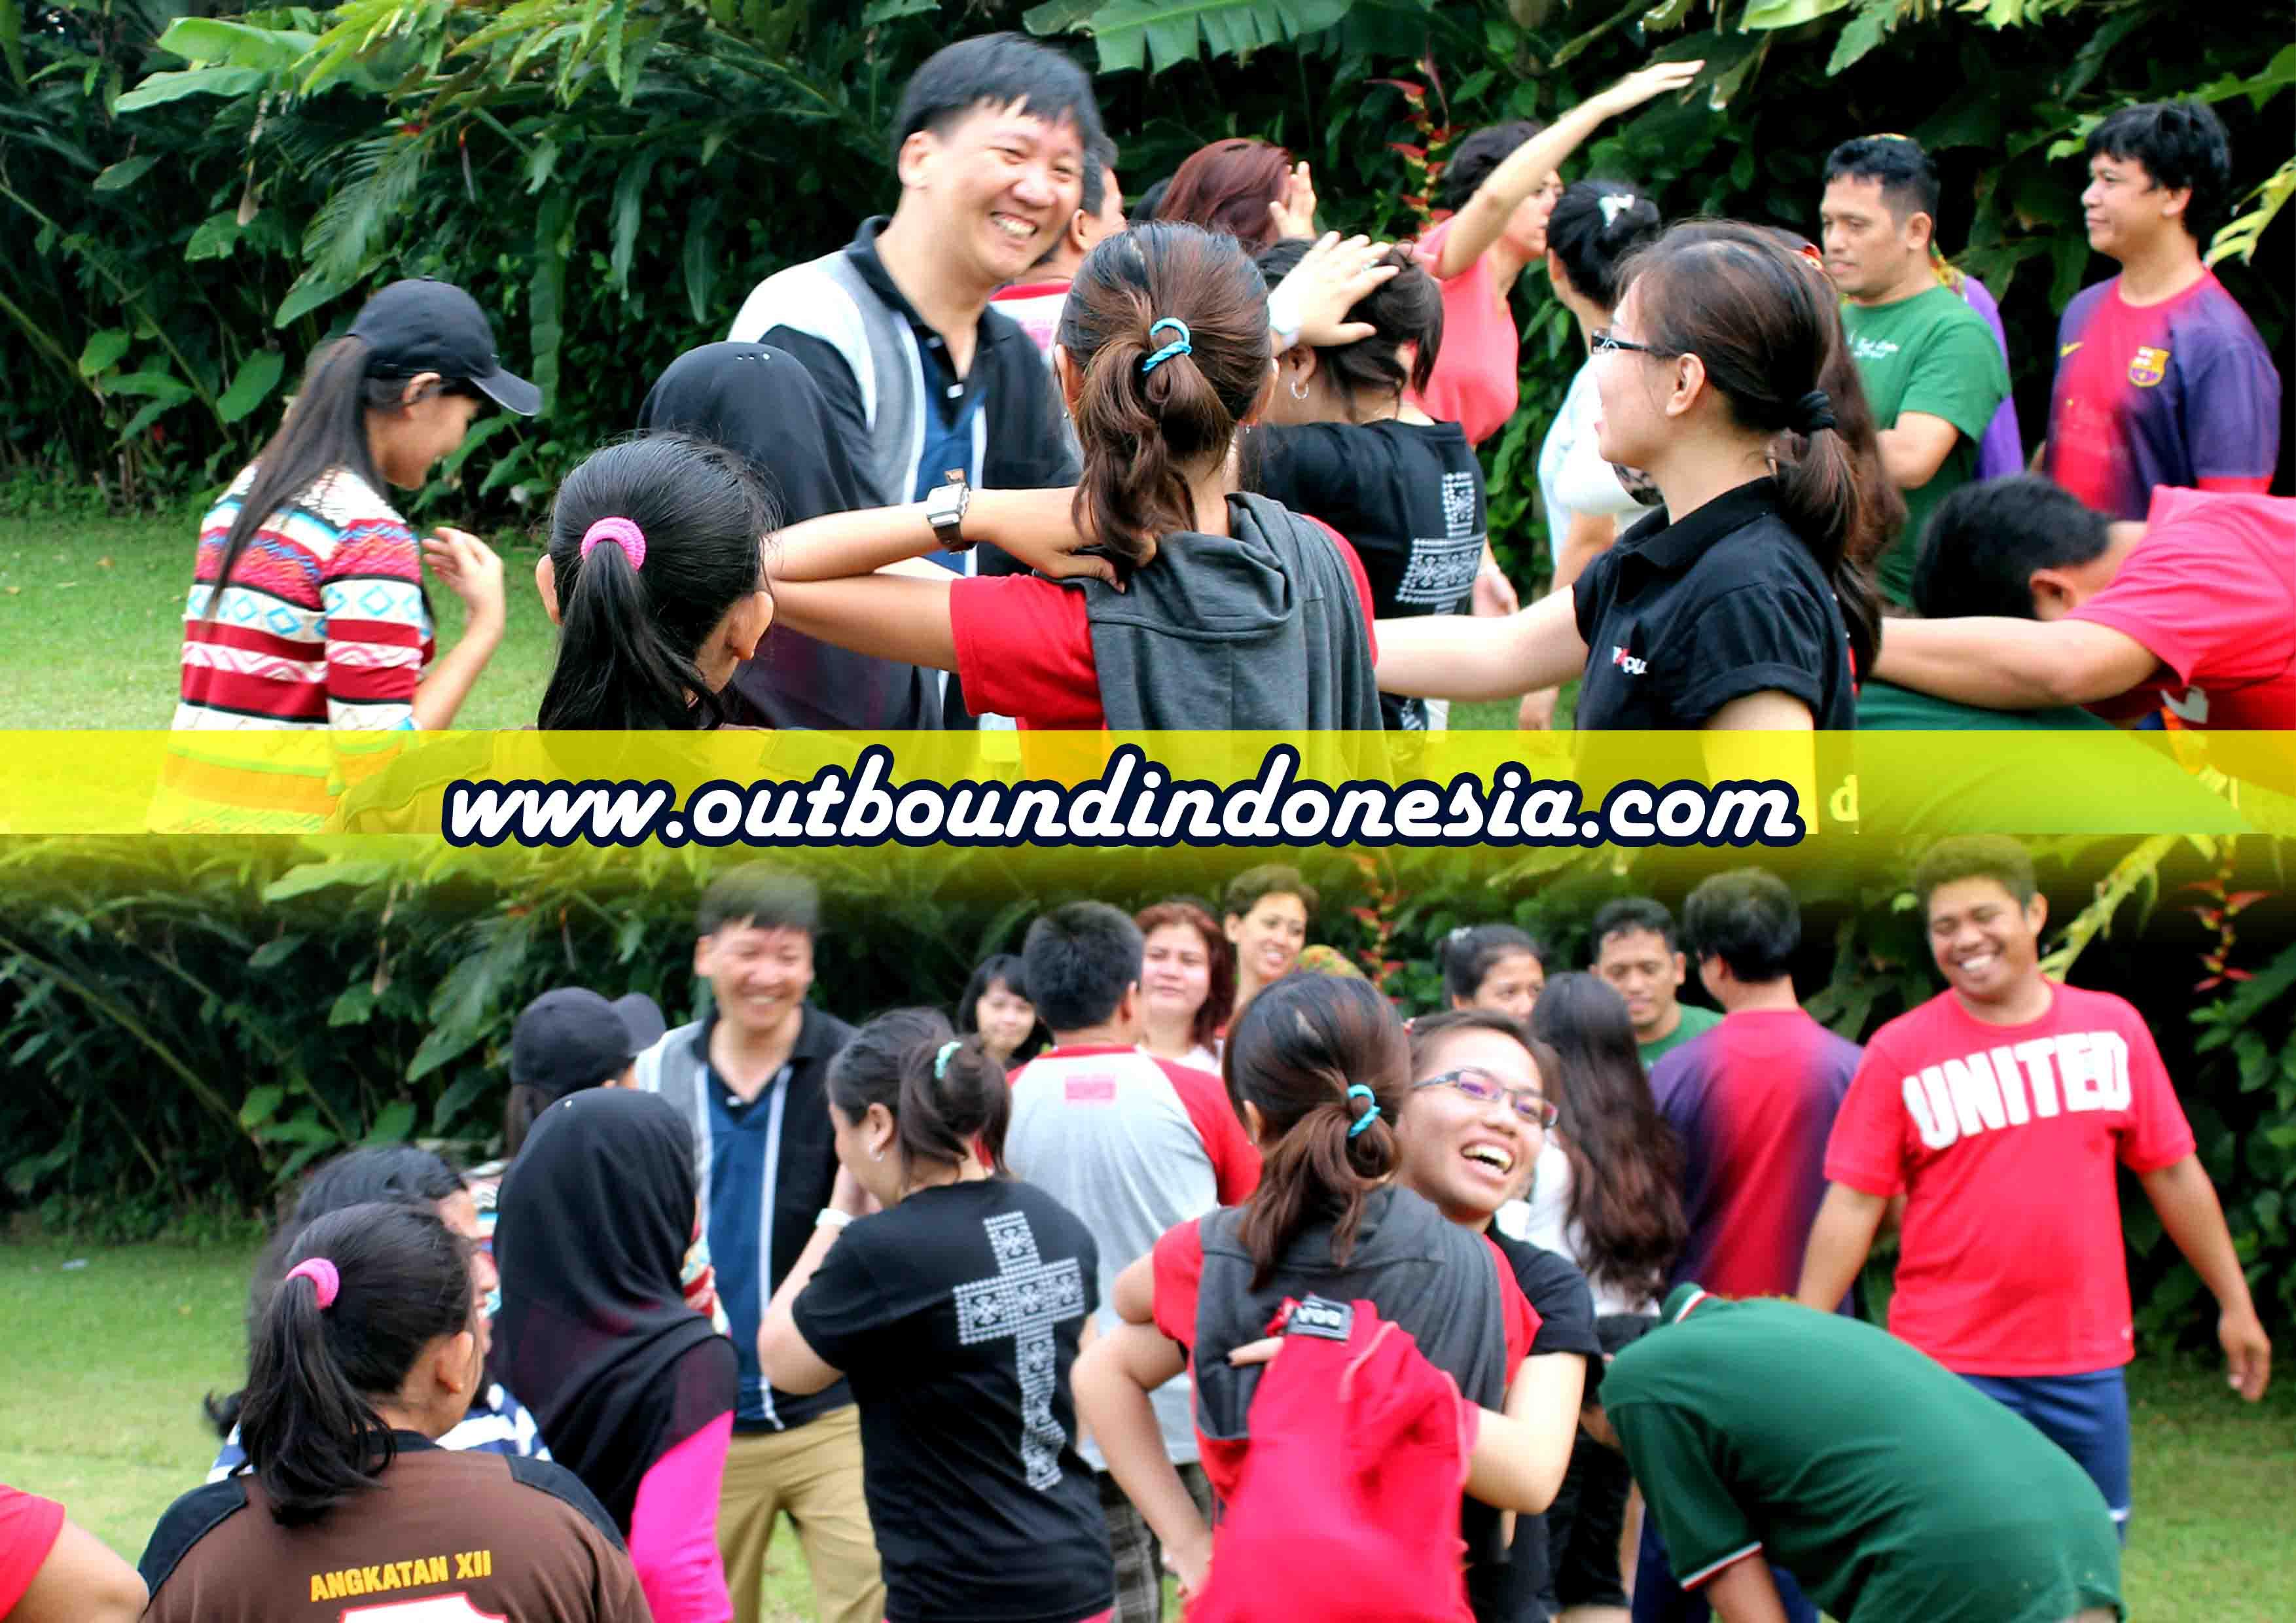 outbound murah, www.outboundindonesia.com, 082 231 080 521